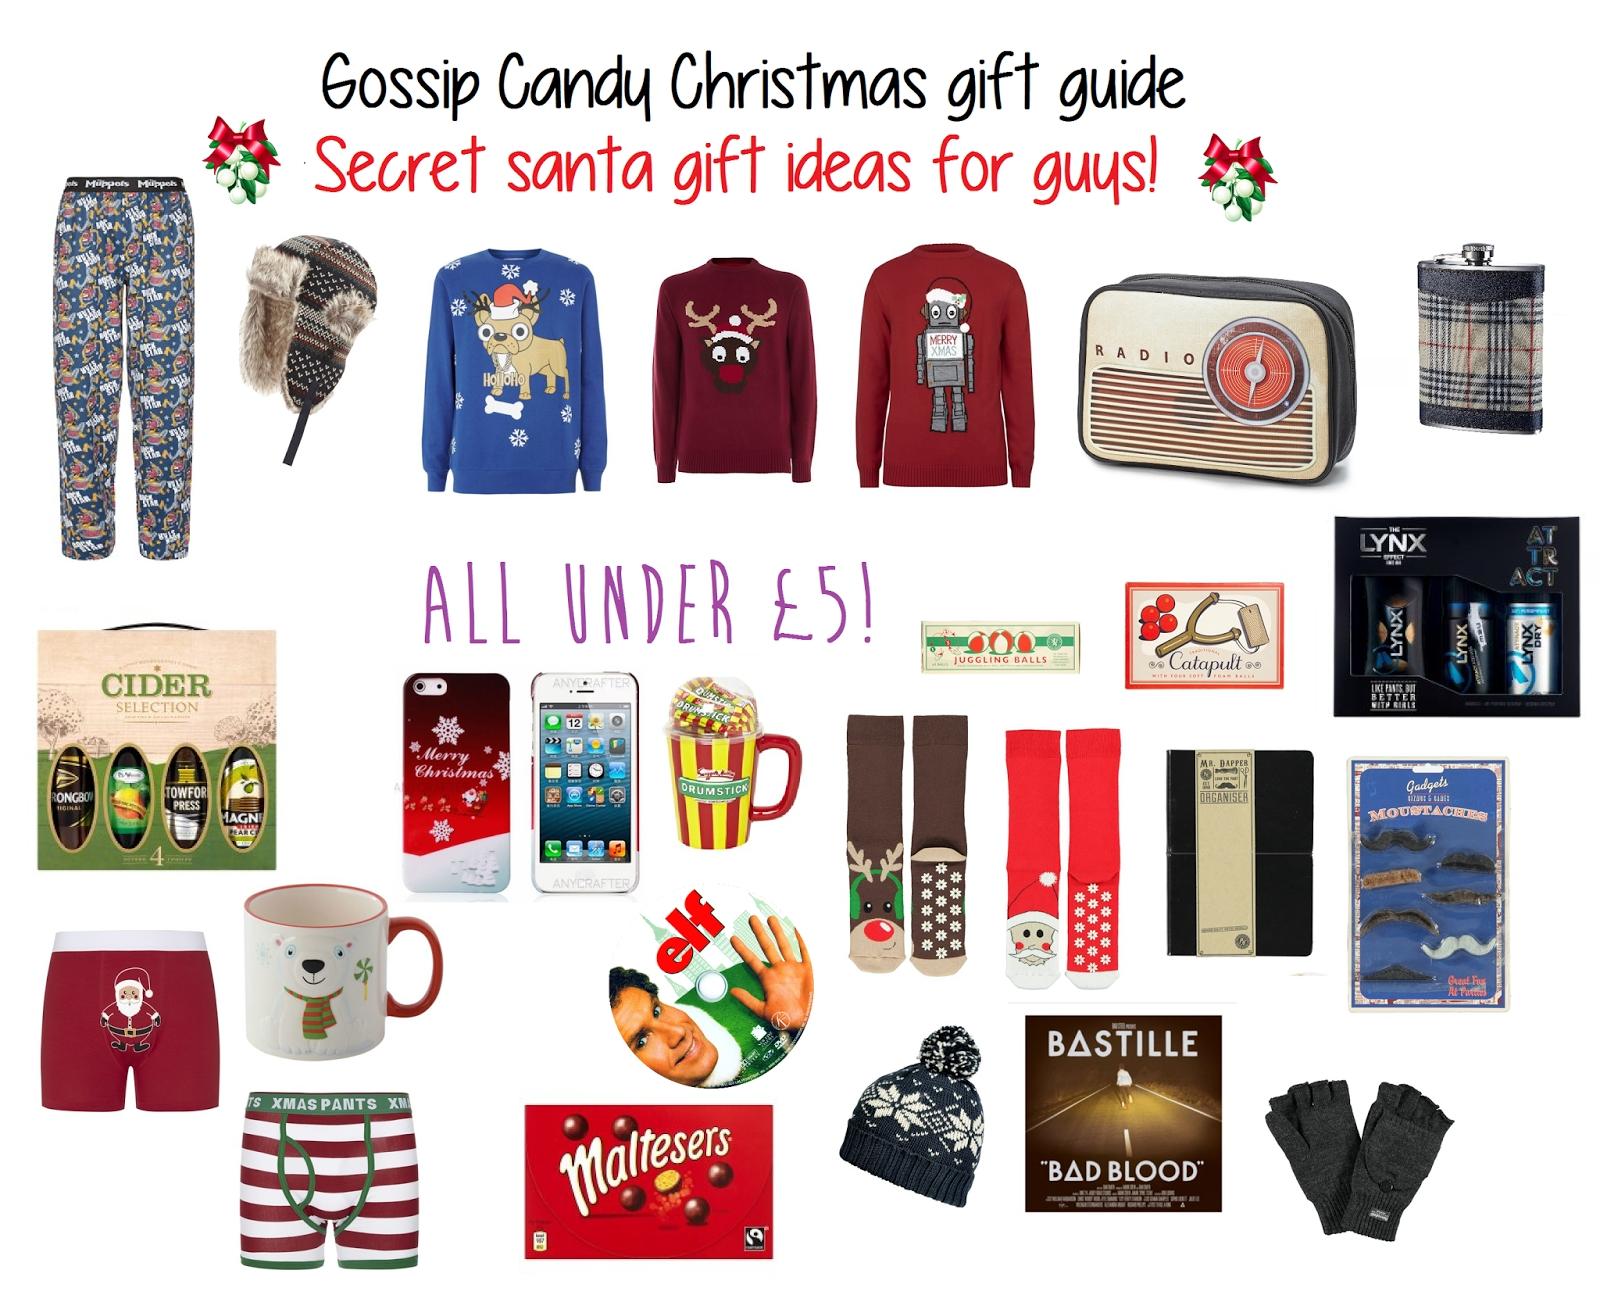 10 Lovable Secret Santa Gift Ideas For Guys christmas gift ideas for secret santa my web value 2021